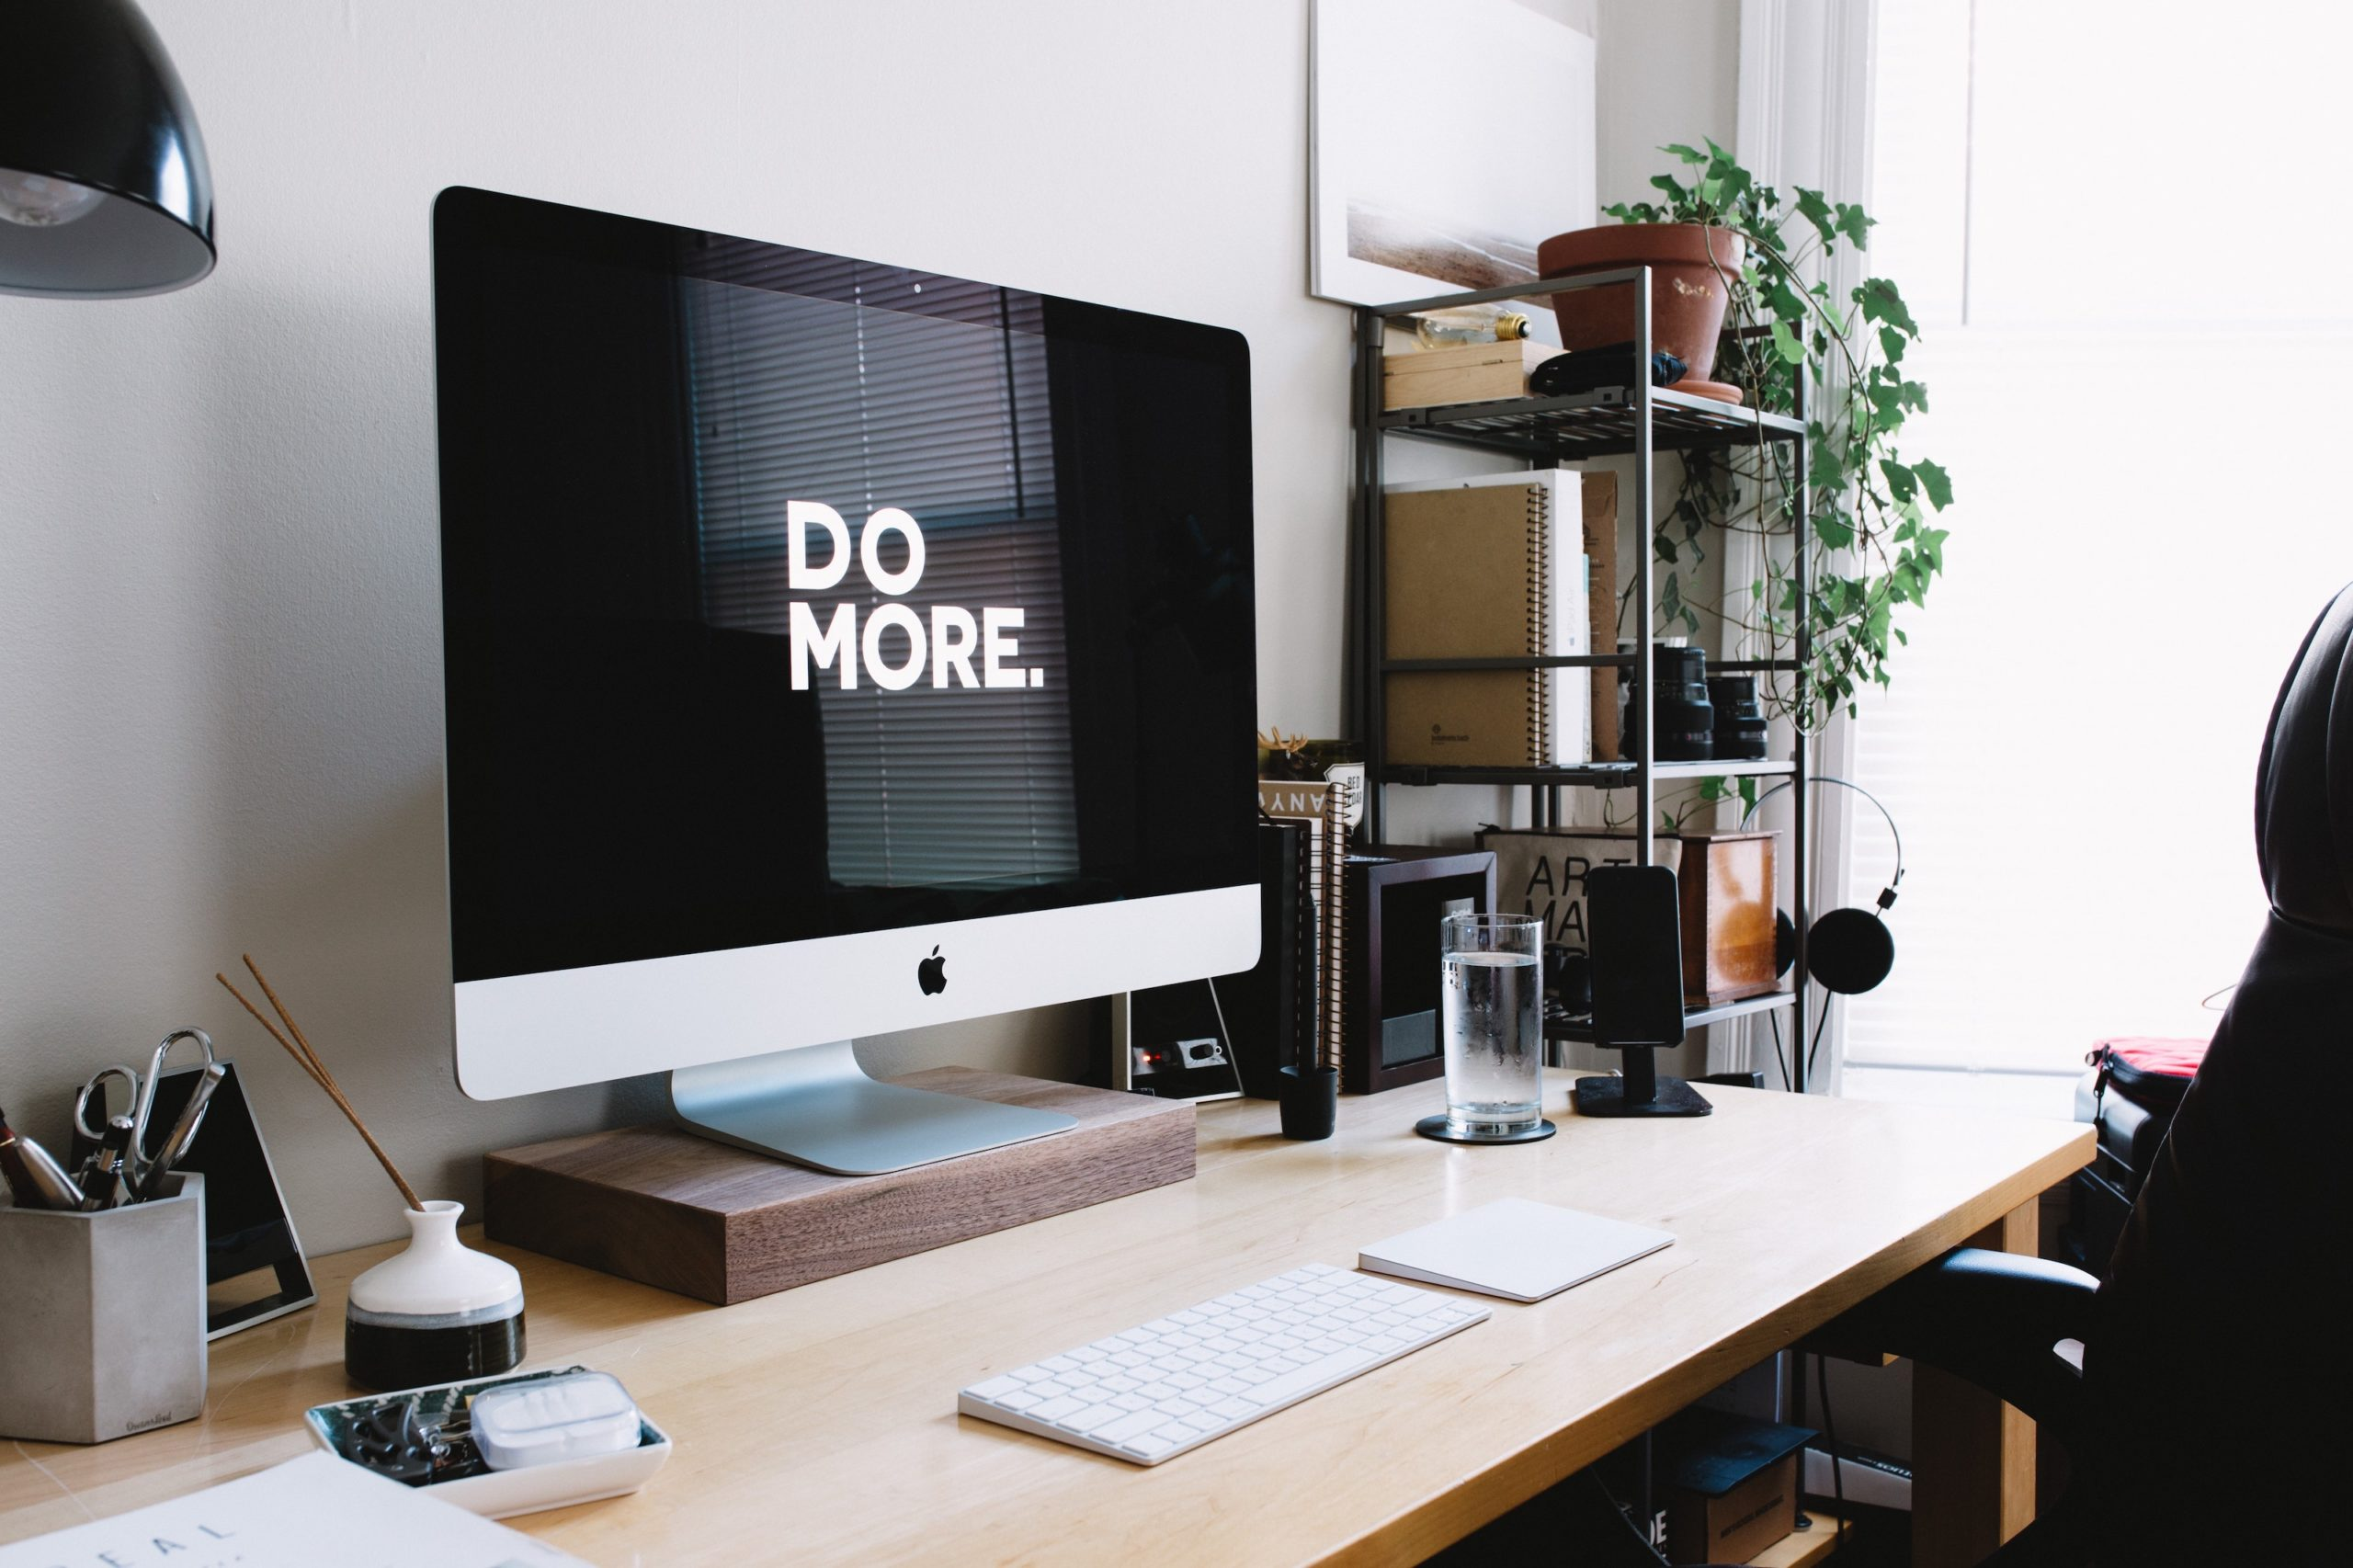 Online Digital Agency